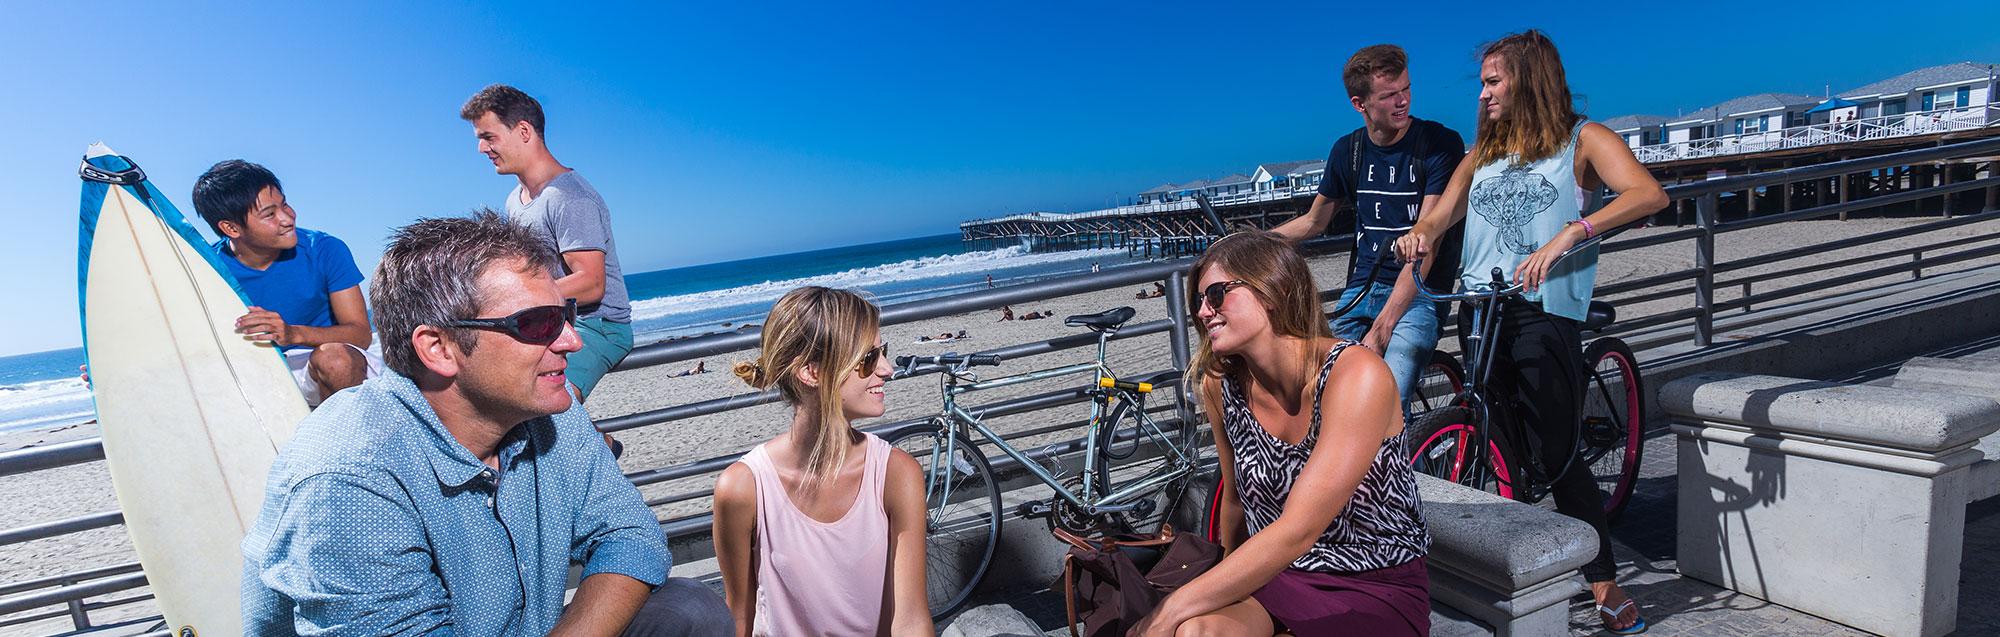 Bewertungen und Berichte zu CEL San Diego Pacific Beach